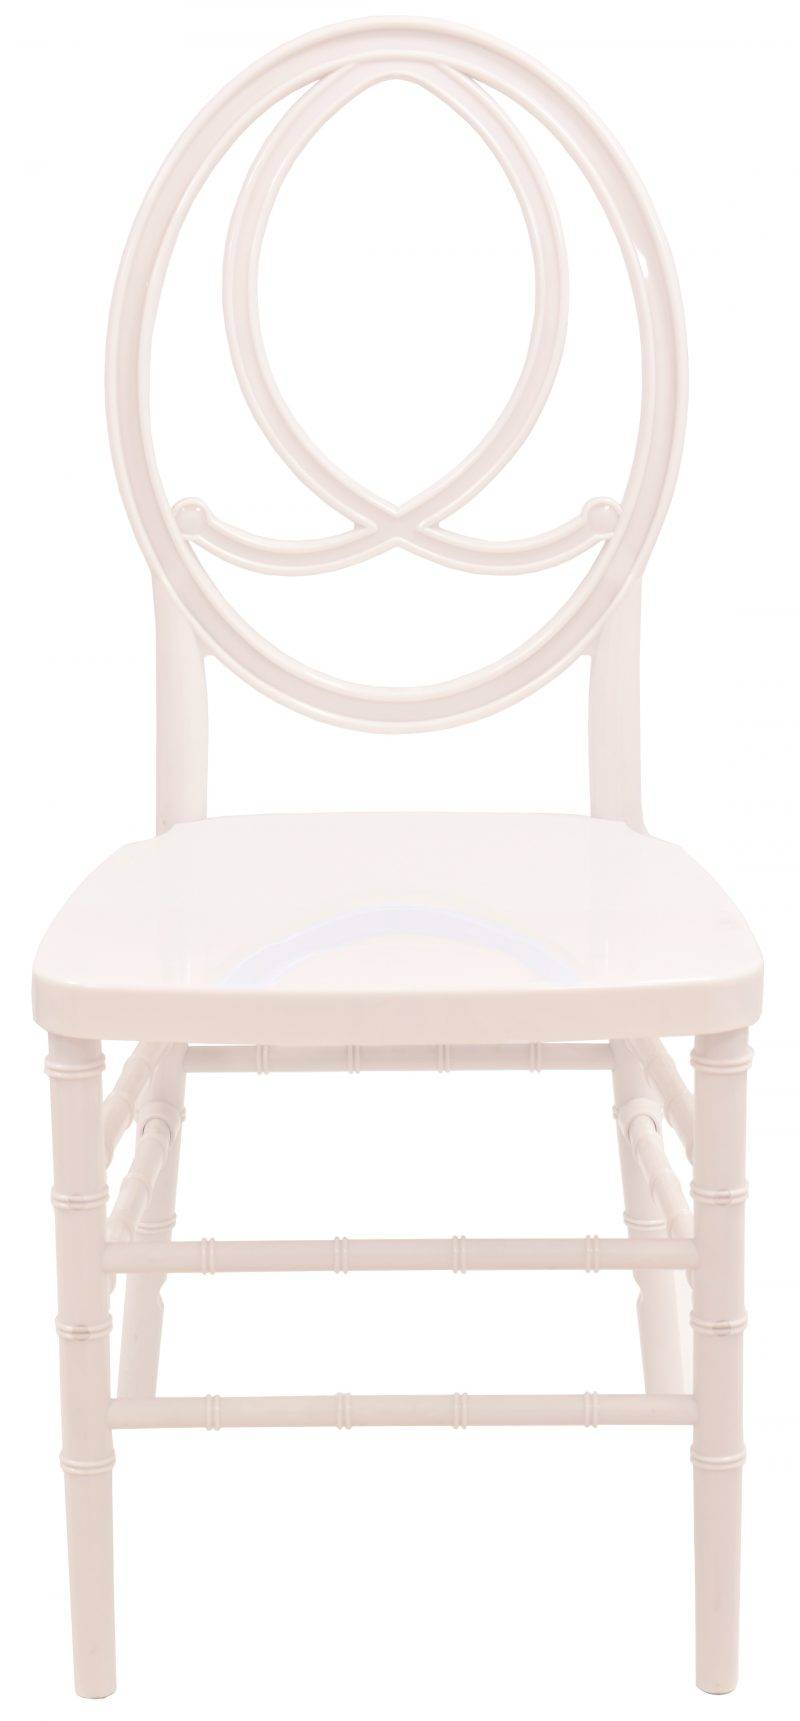 silla fenix policarbonato blanco cojin 1 scaled